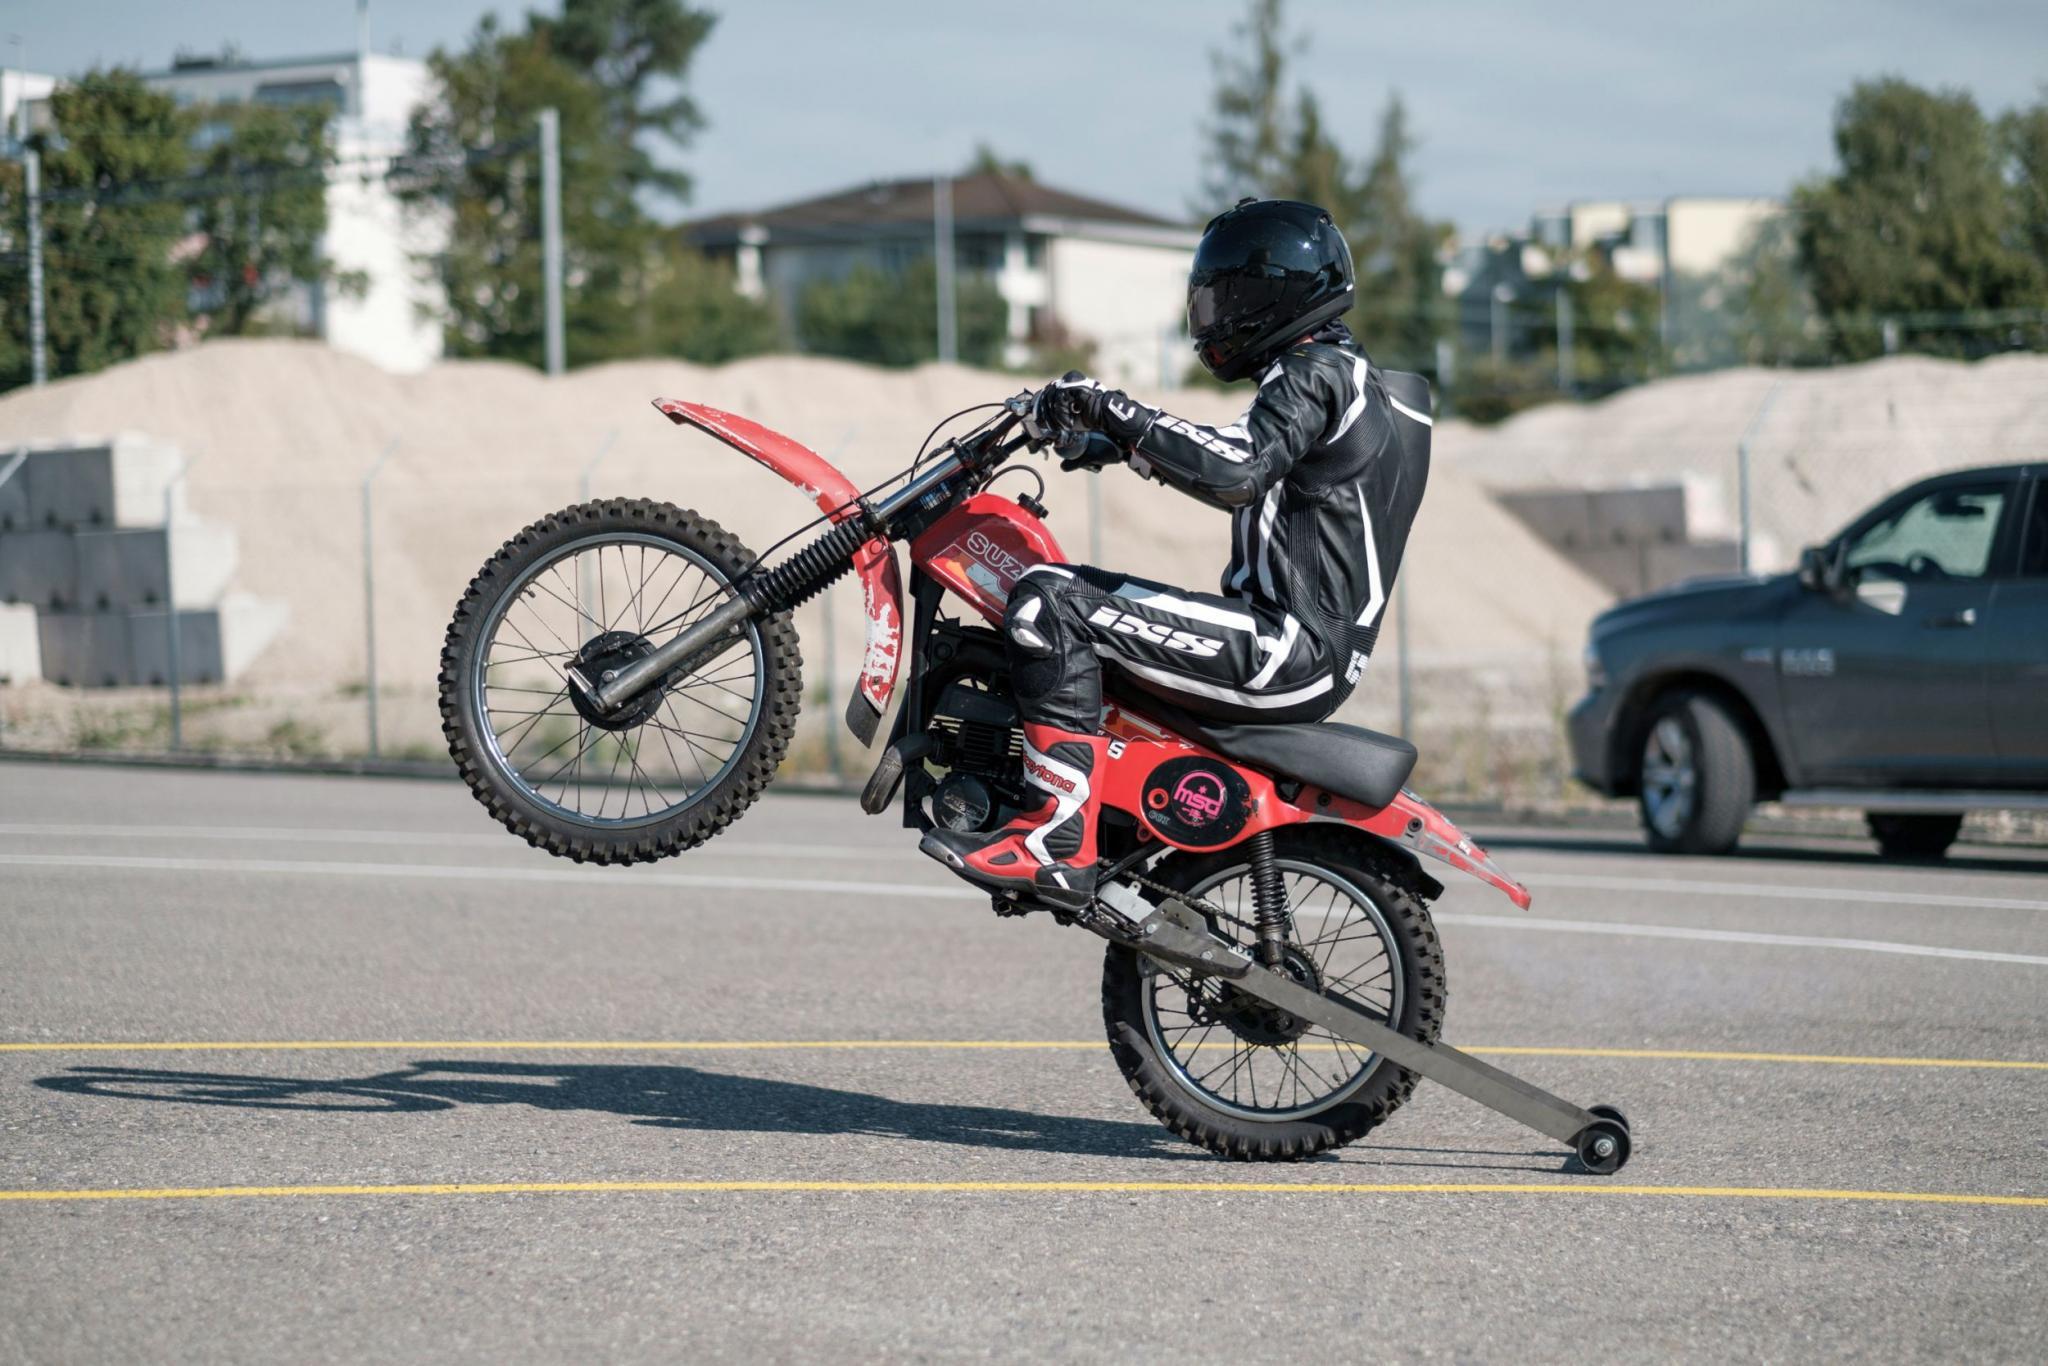 Wheelie-Training bei Fahrschule Mannhard - Event